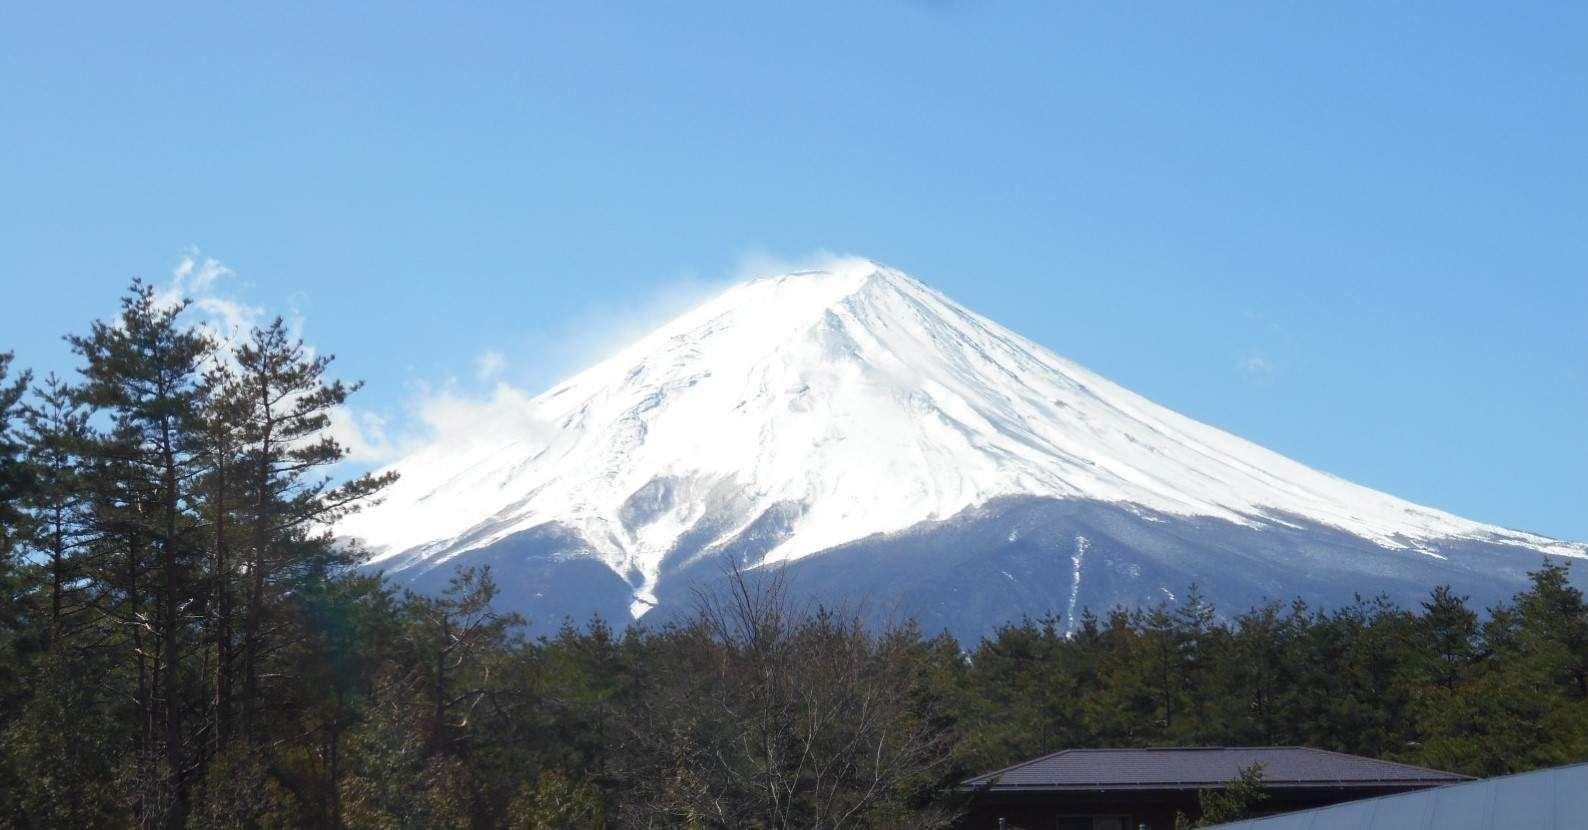 יפן, ארץ החלומות